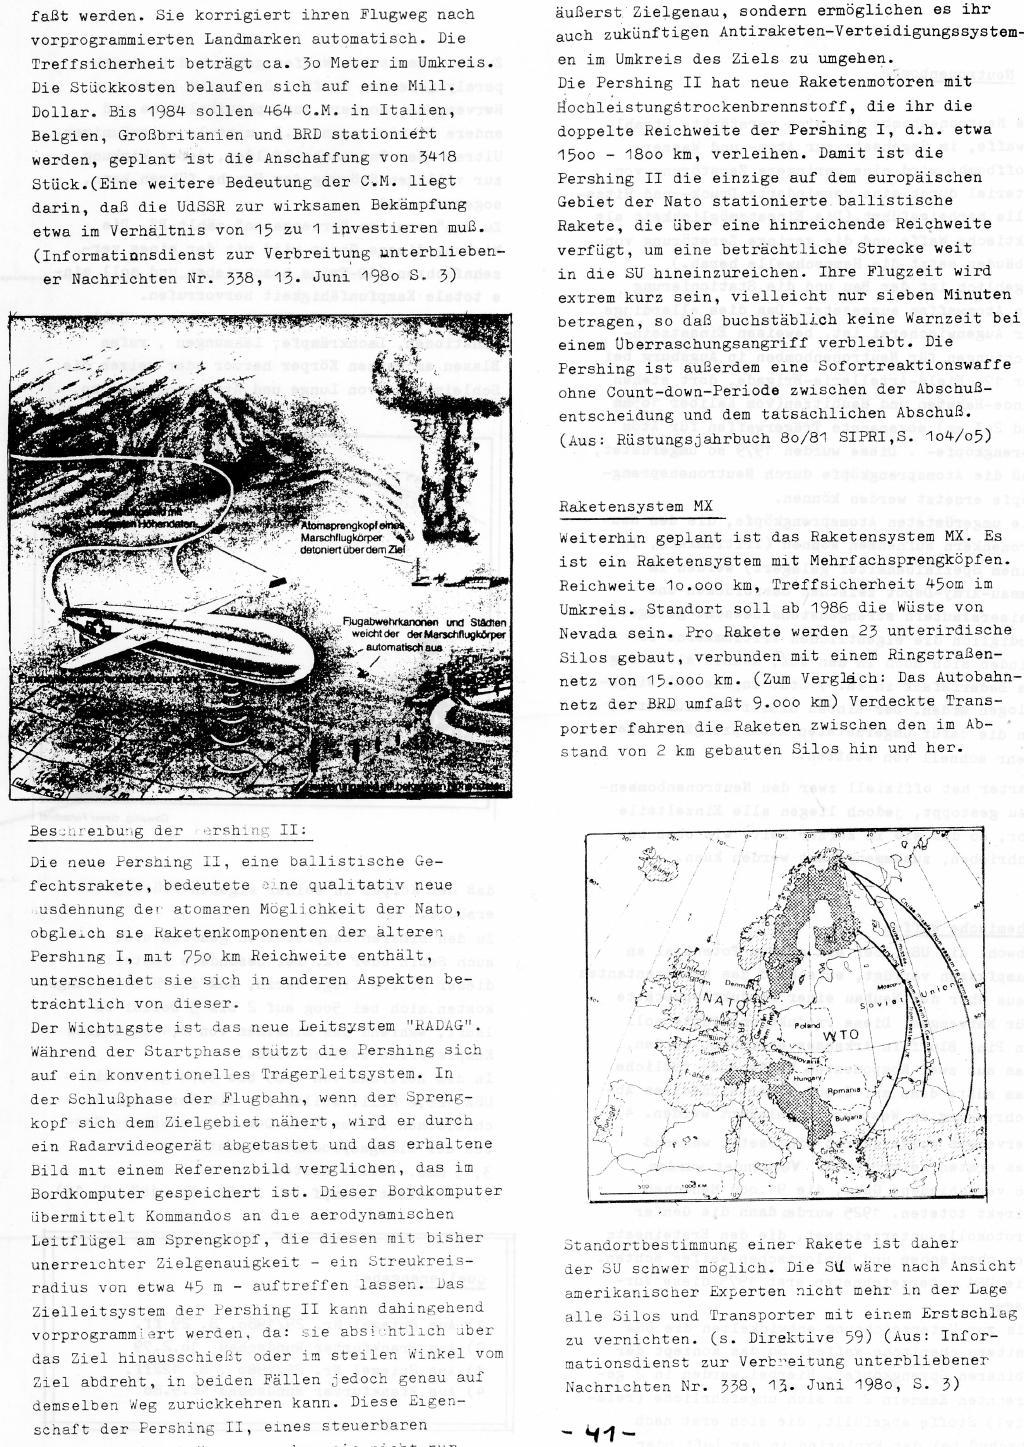 Bremen_1980_NATO_Broschuere_41